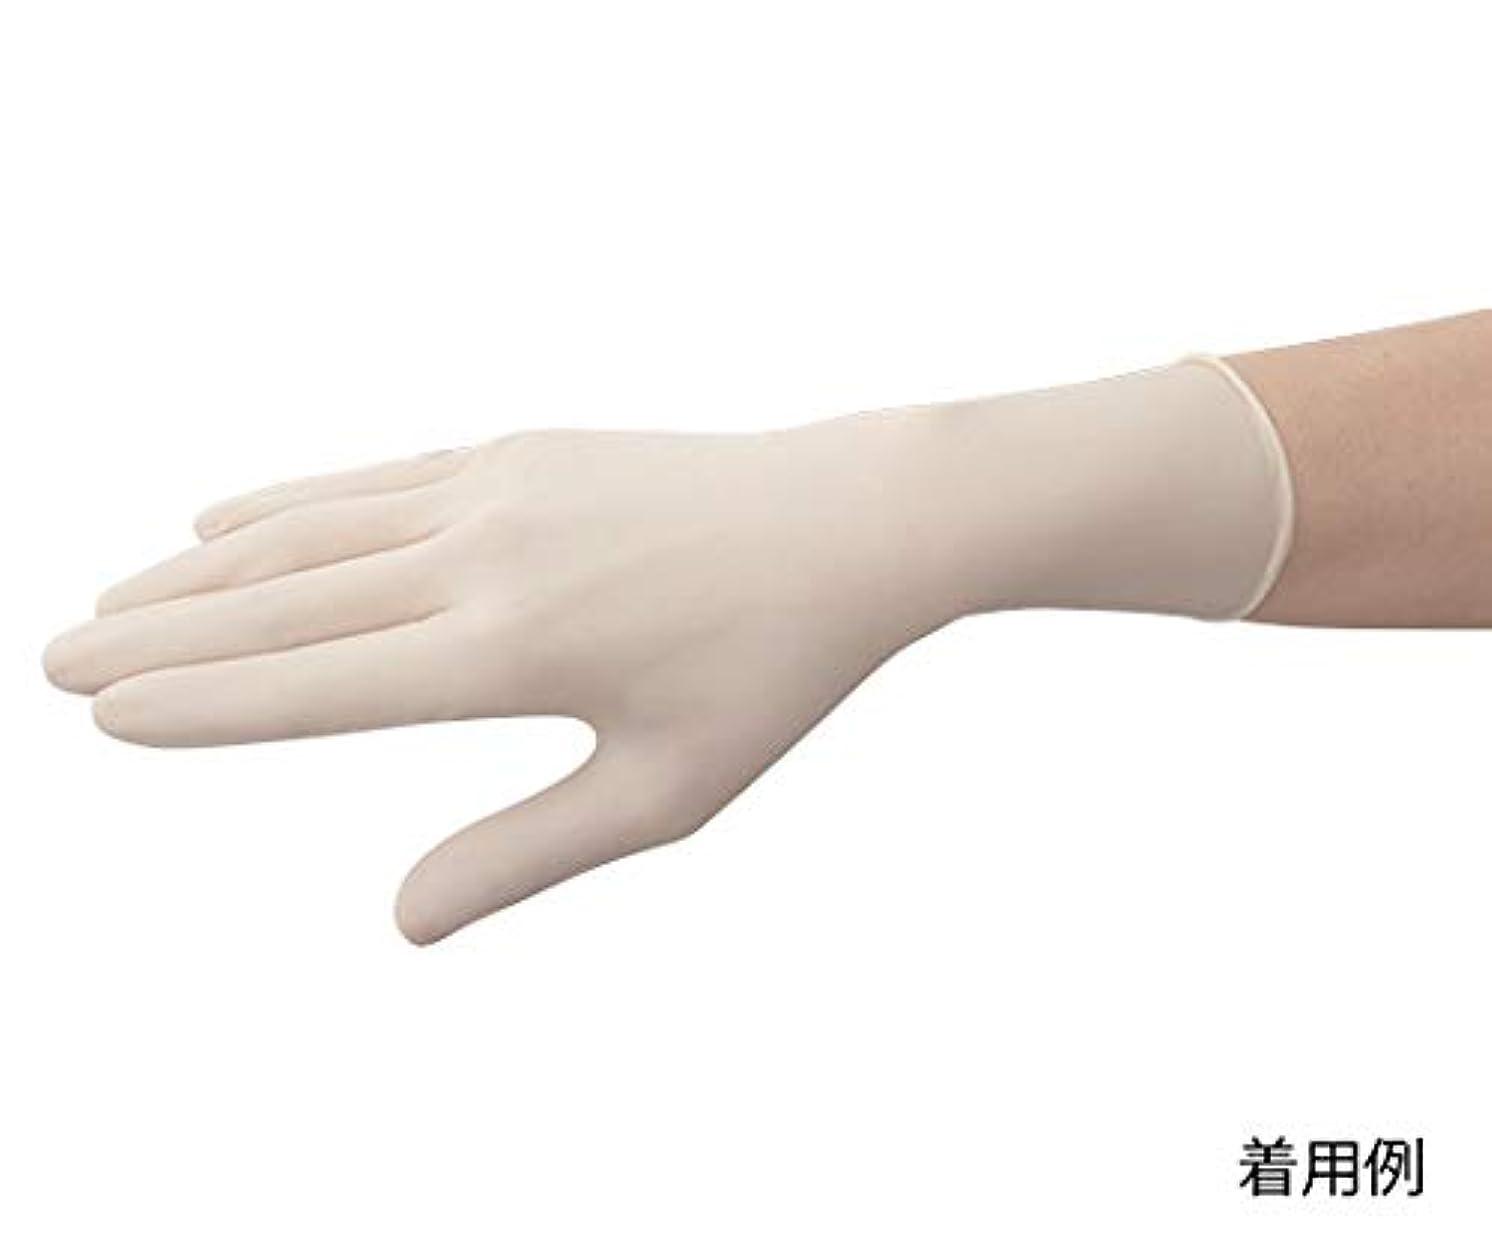 桃汚す評議会東レ?メディカル 手術用手袋メディグリップ パウダーフリー50双 8170MG